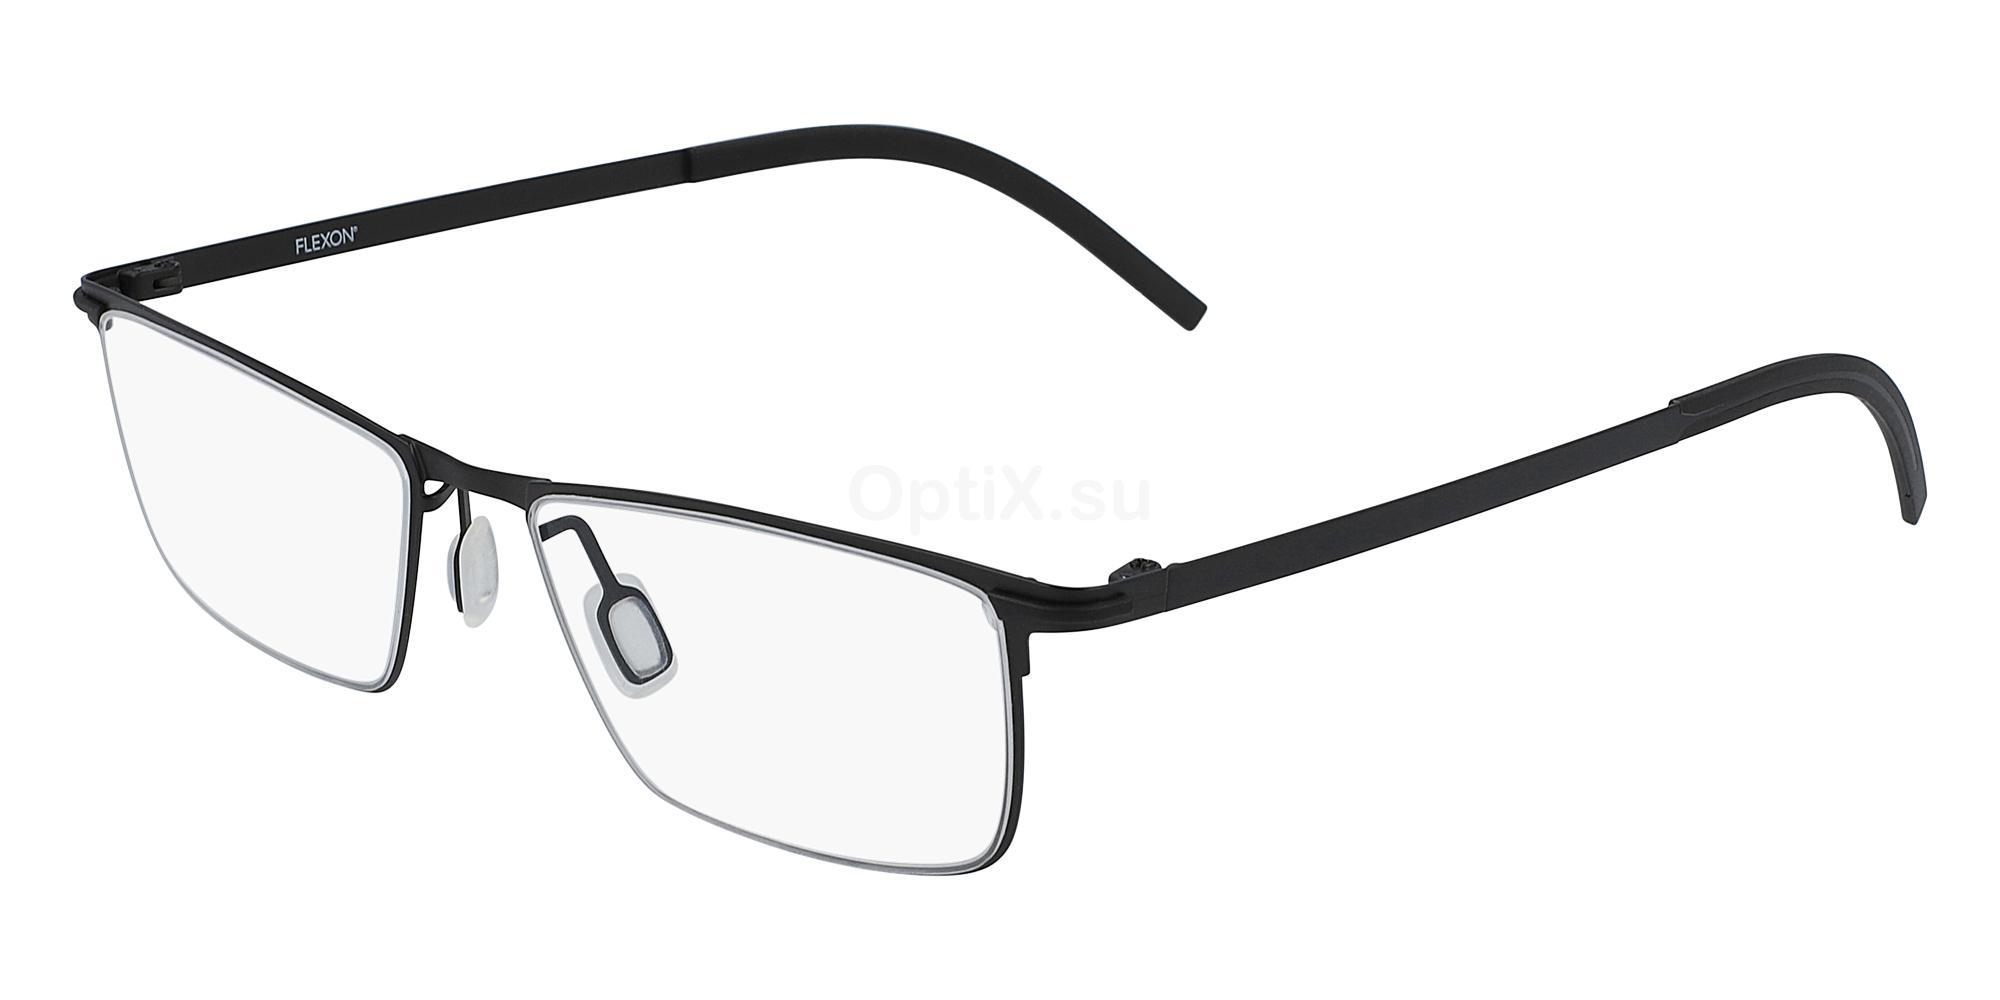 001 FLEXON B2002 Glasses, Flexon